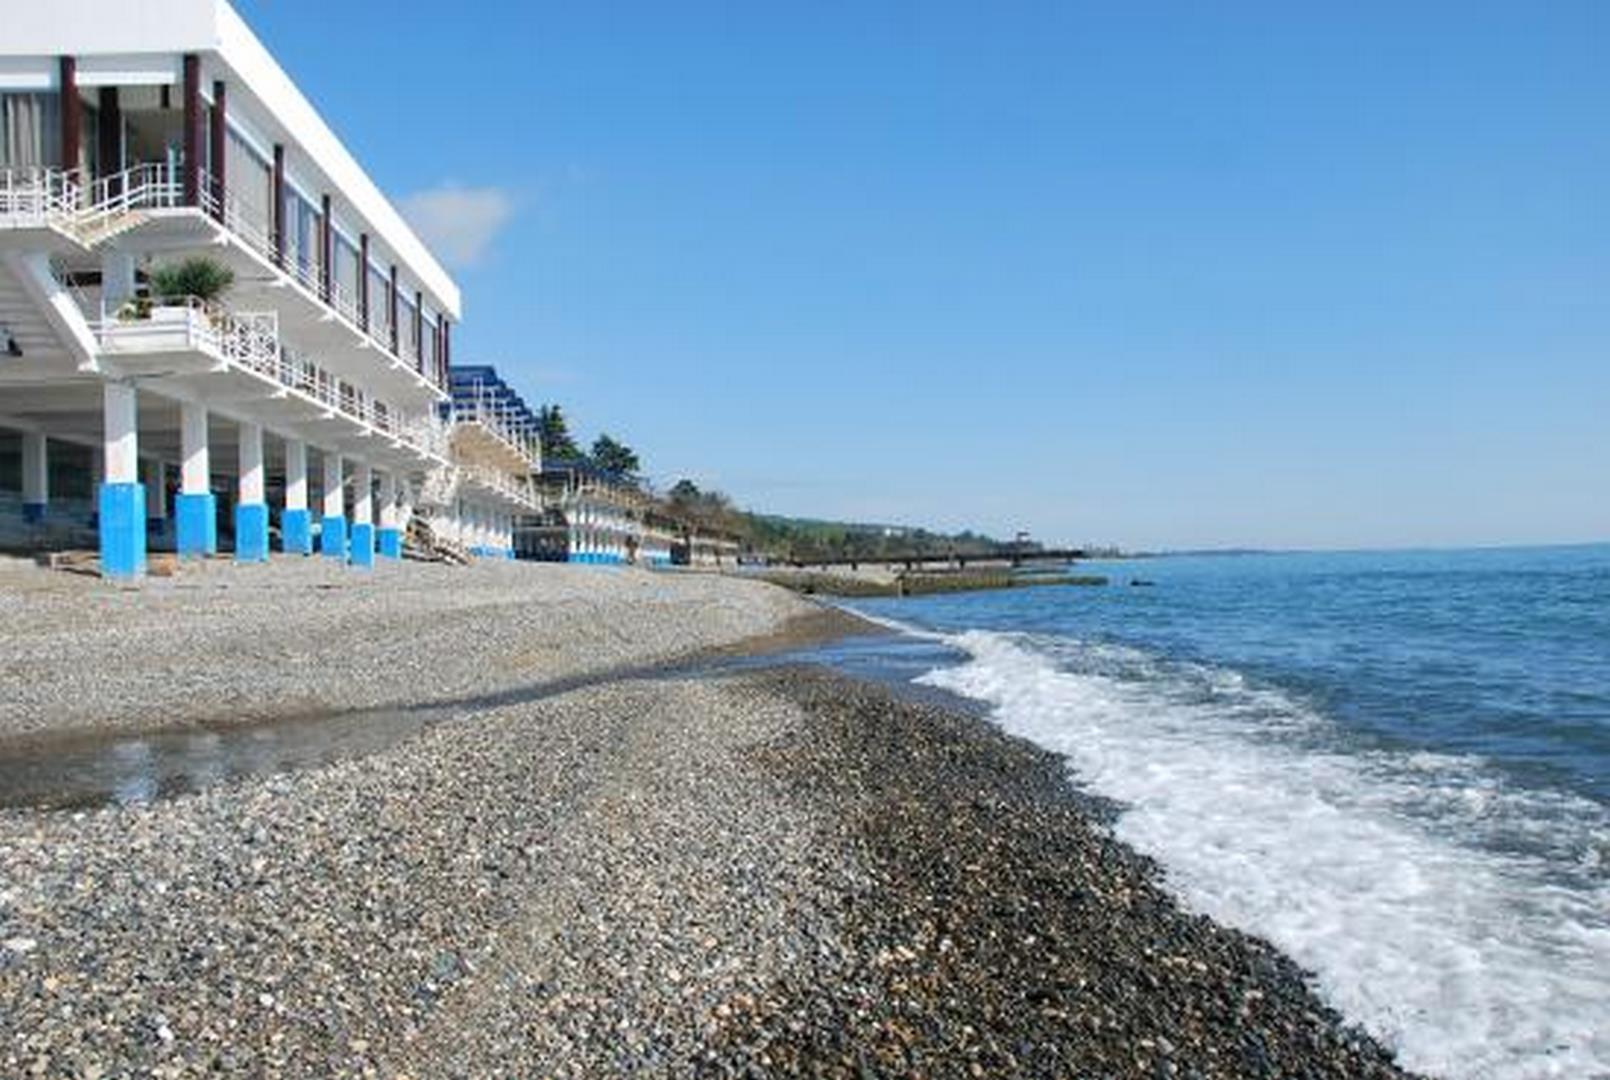 Описание пляжа Айтар в городе ��ухум Республика Абхазия на лето 2021 - фотографии, отзывы